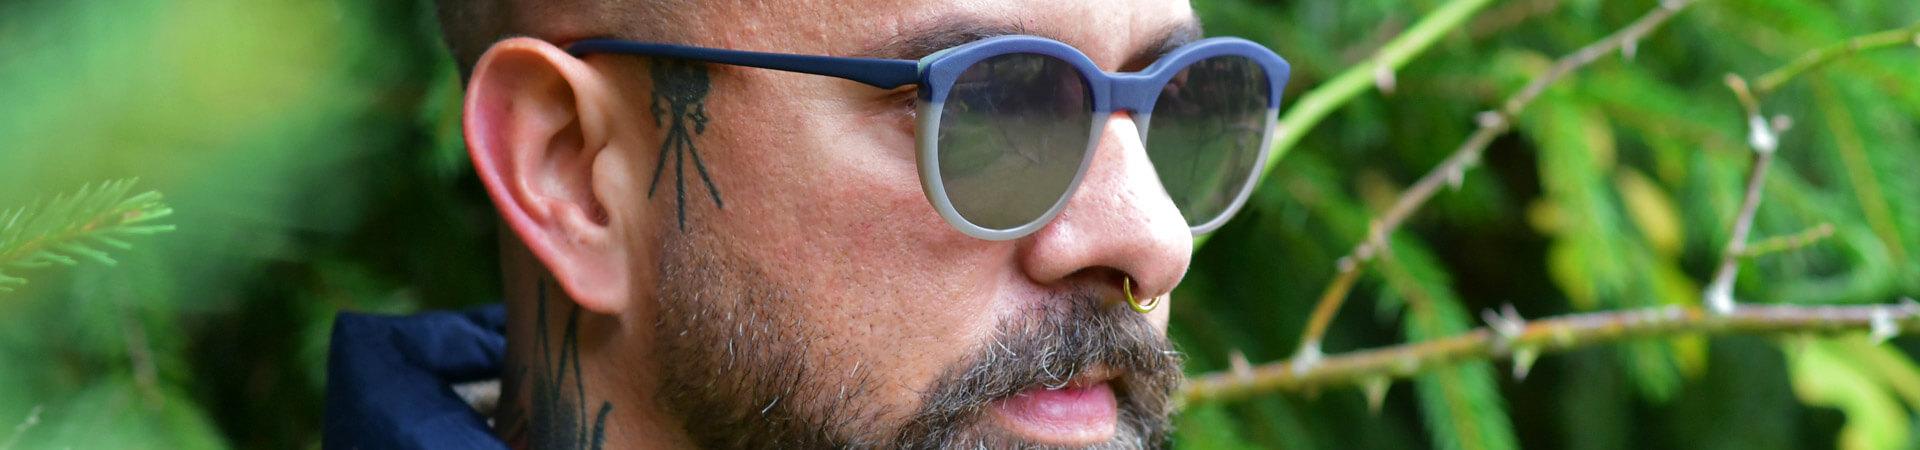 fassungswerk-headerbild-brillenfassungen-02.jpg